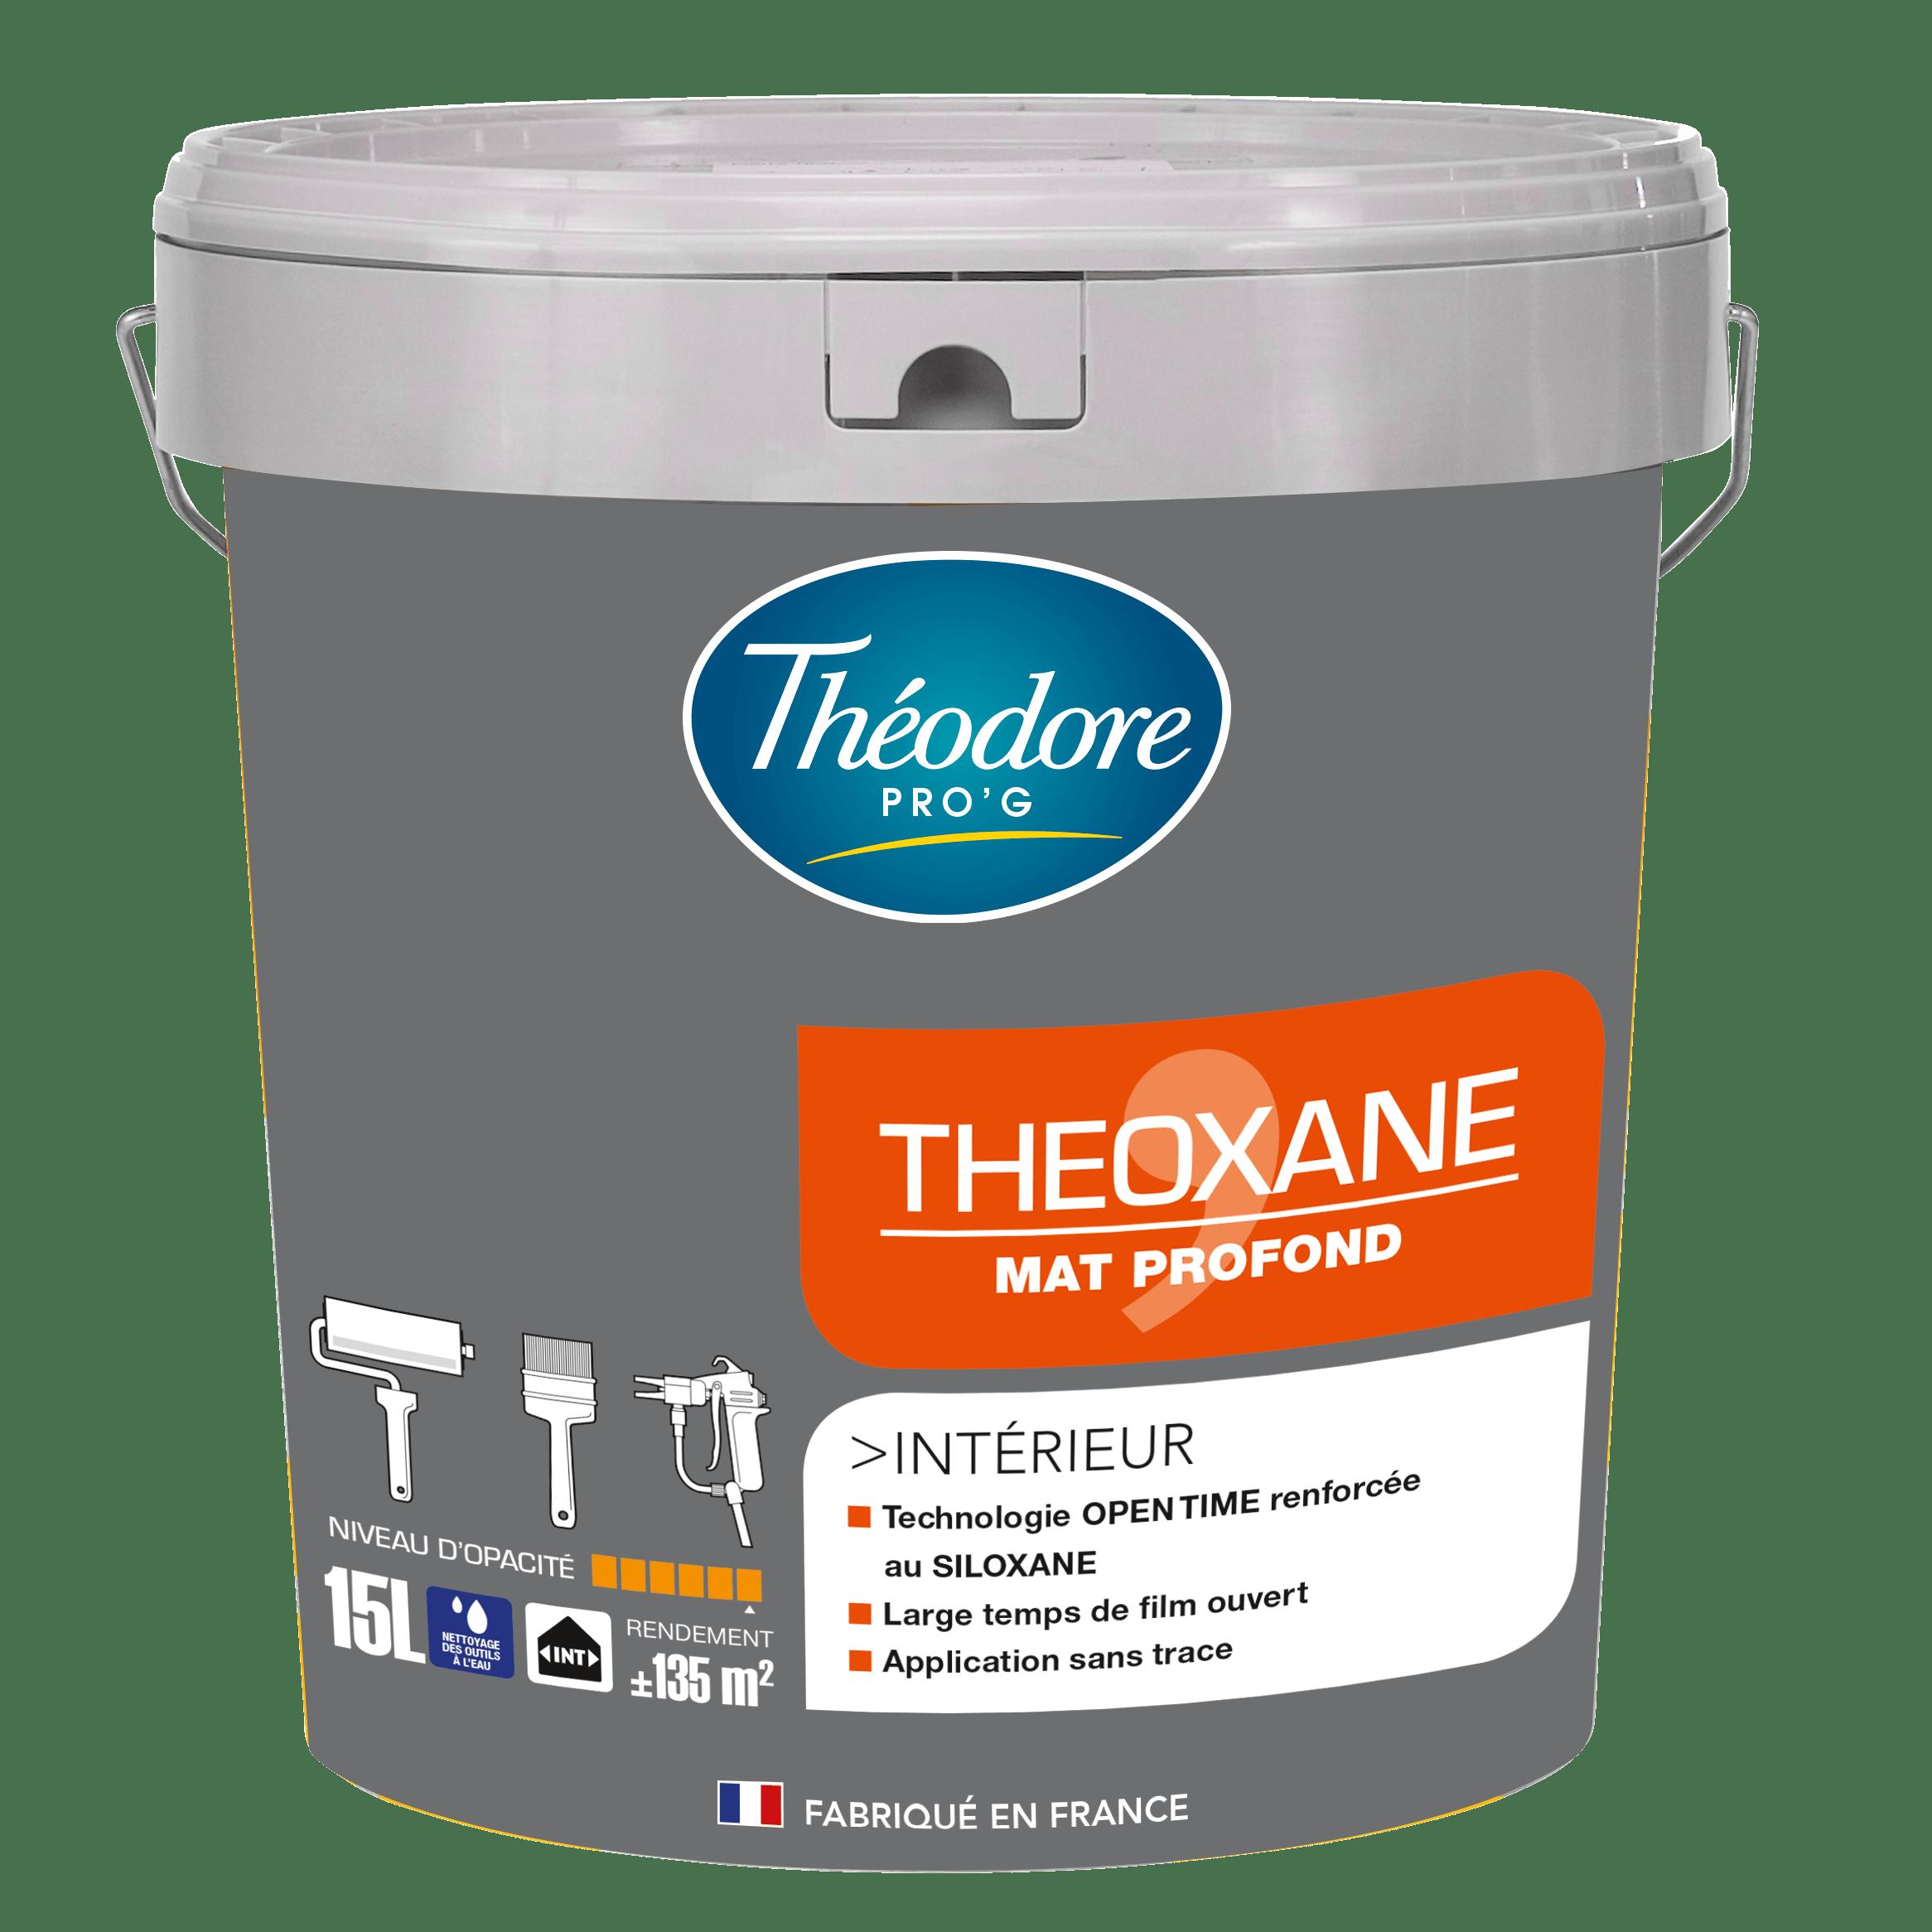 THEOXANE